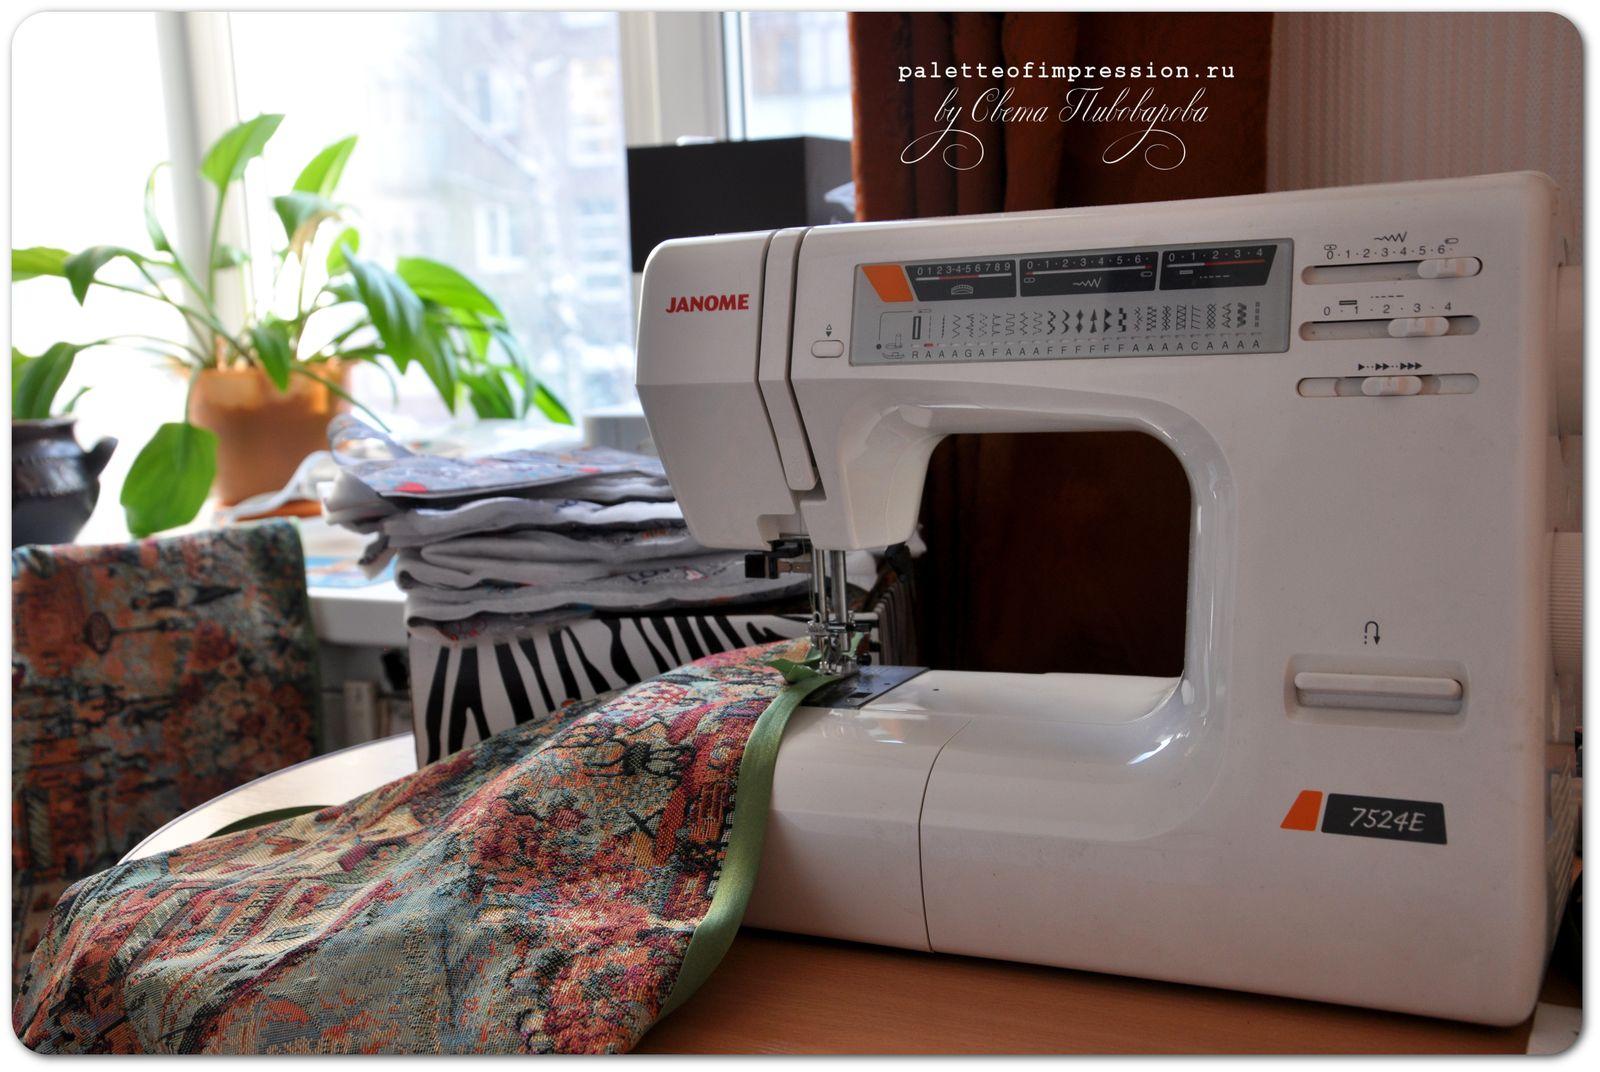 Проект: рабочее место 3/52. Шитье. Рабочее место со швейной машинкой